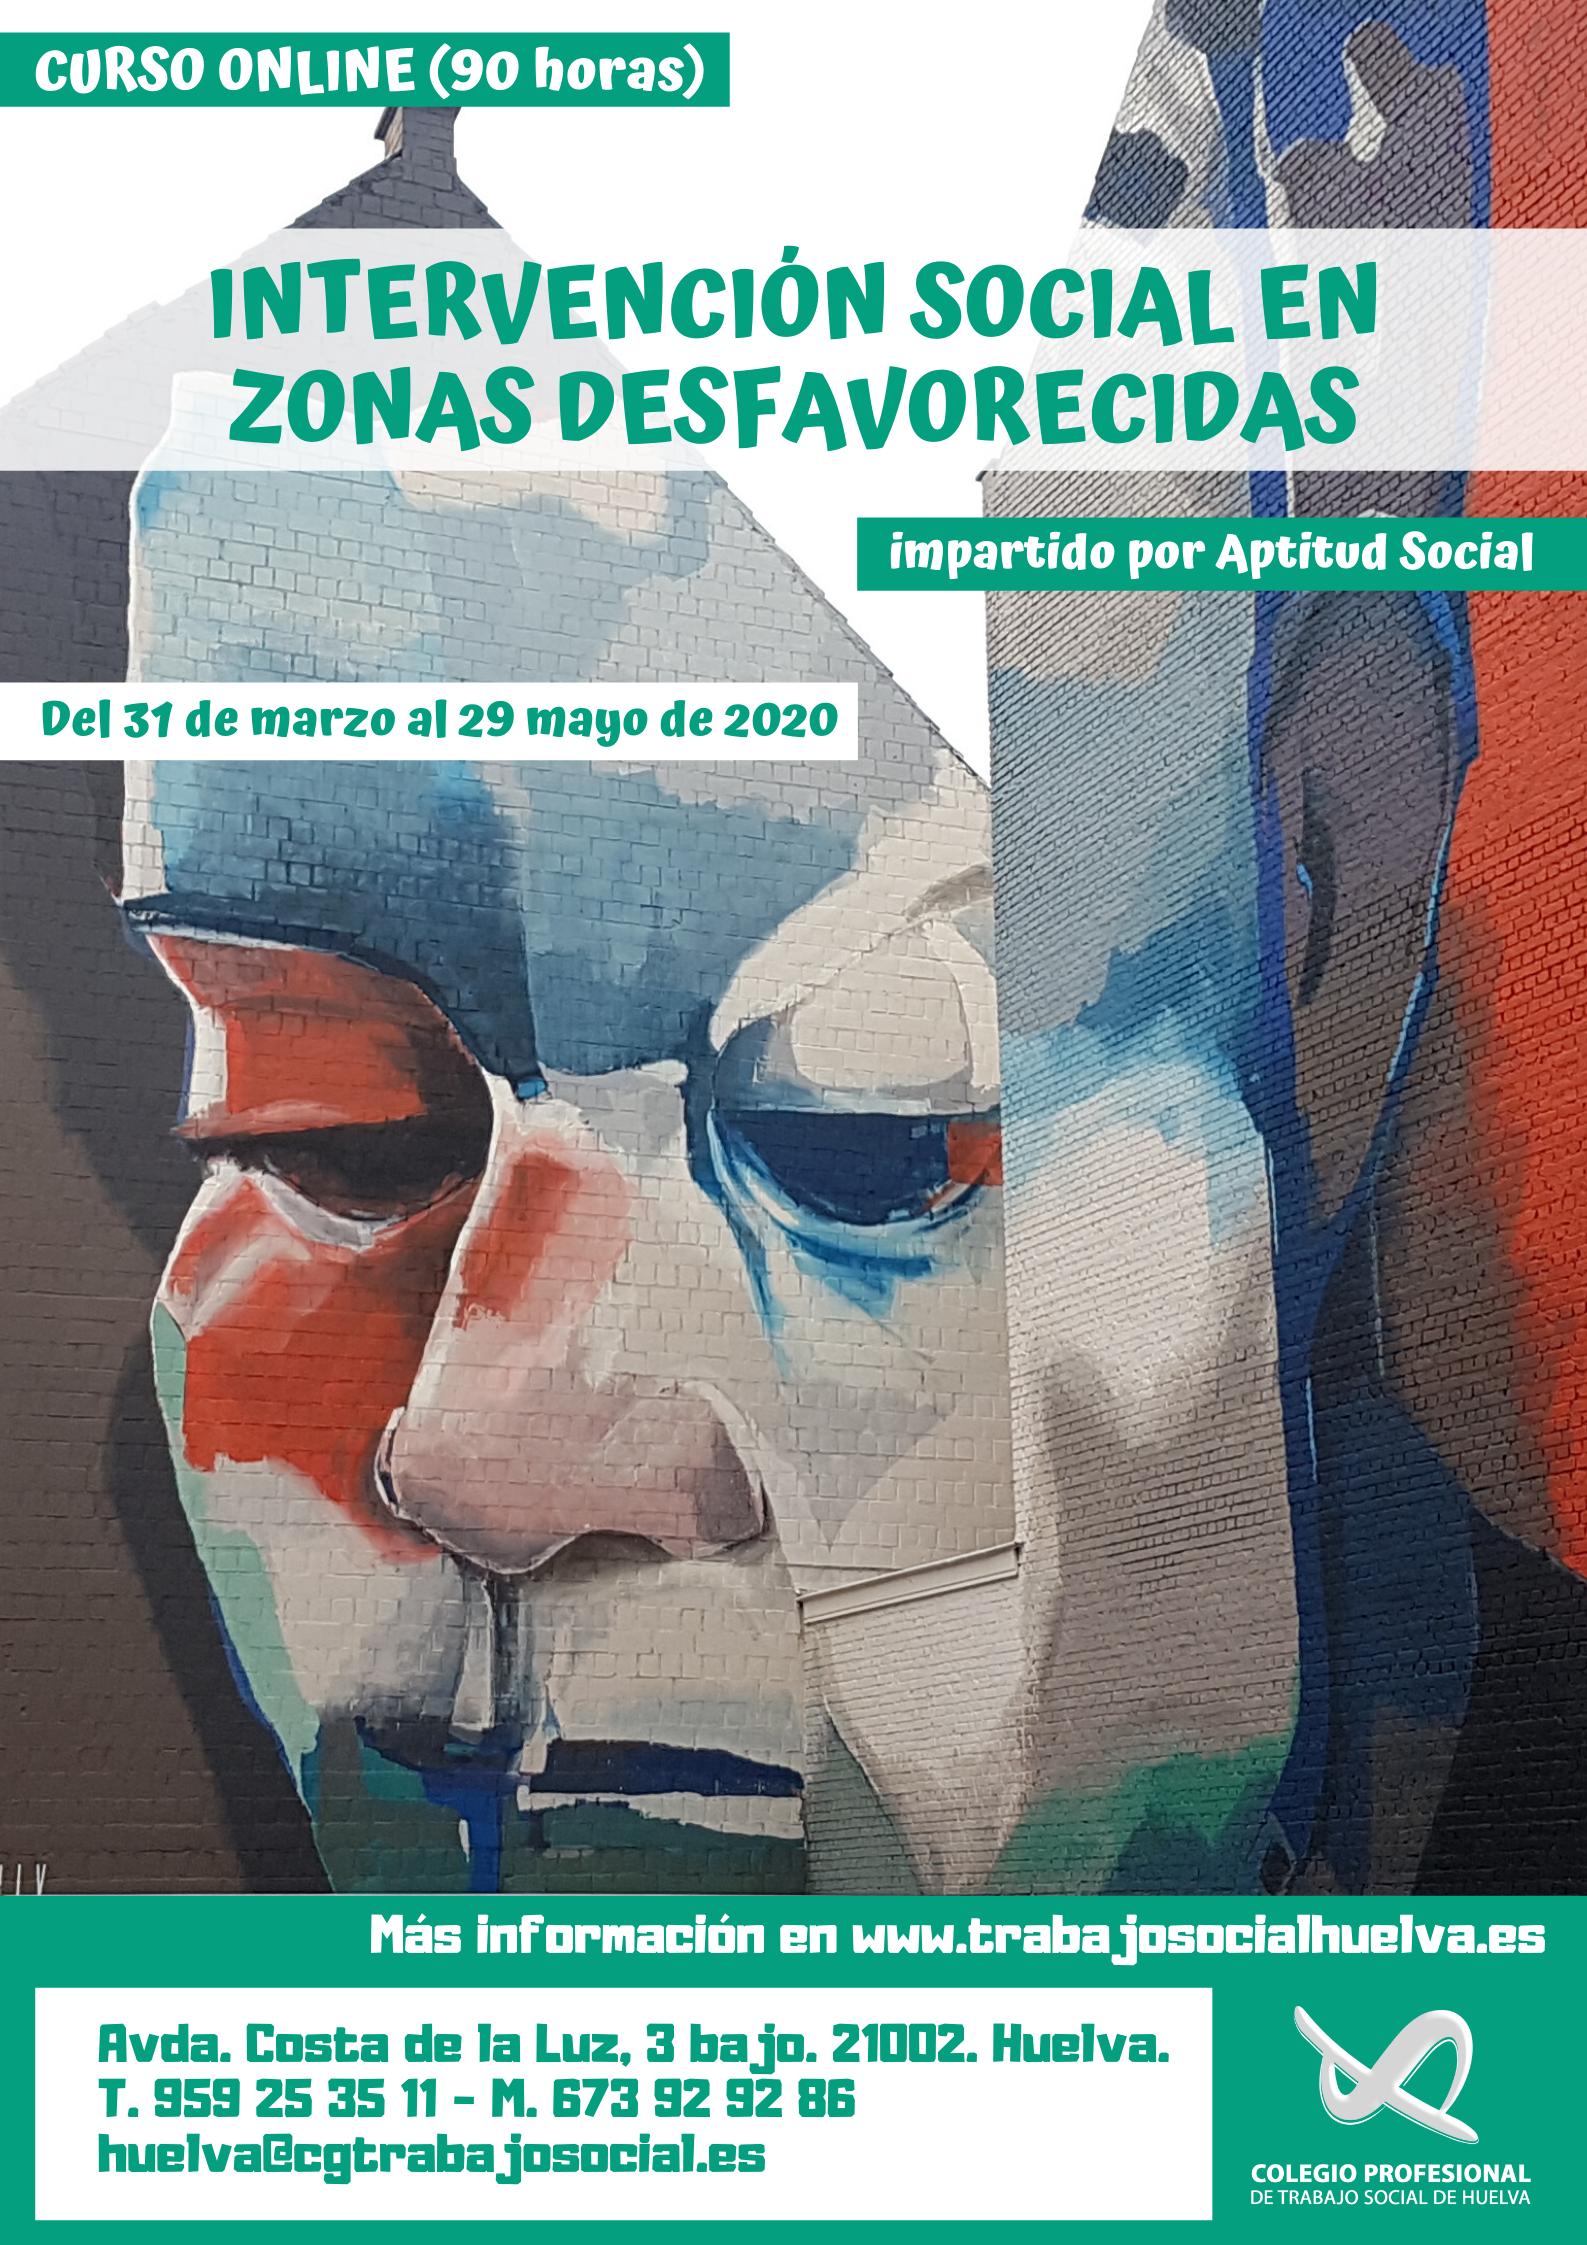 """CURSO ONLINE: """"INTERVENCIÓN SOCIAL EN ZONAS DESFAVORECIDAS""""(90 horas)."""